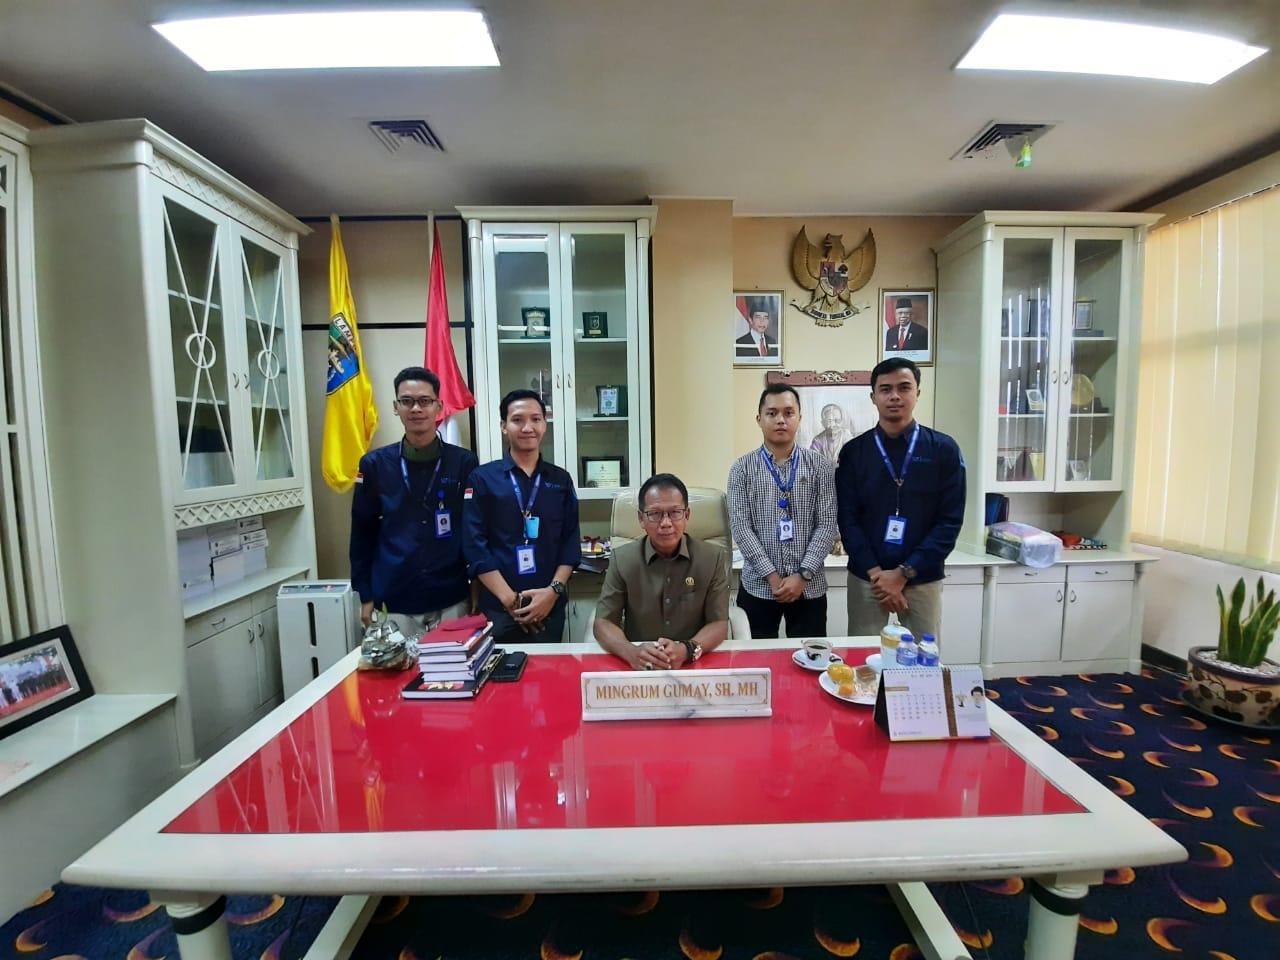 Ketua DPRD Provinsi Lampung Mingrum Gumay SH., MH menerima audiensi team media LIDIK